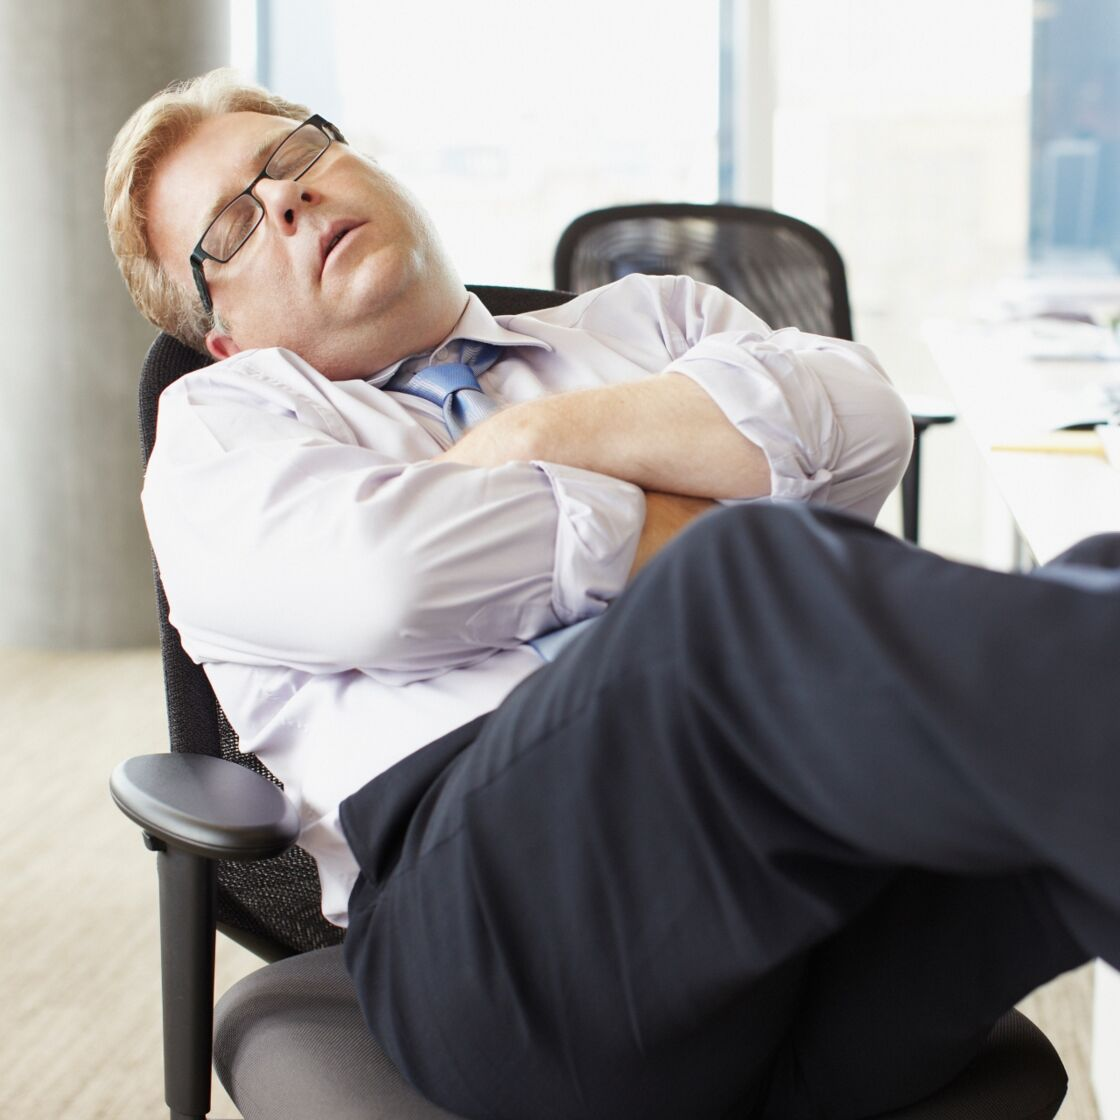 Wenn du häufig Nickerchen brauchst, kann diese ernste Krankheit der Grund sein